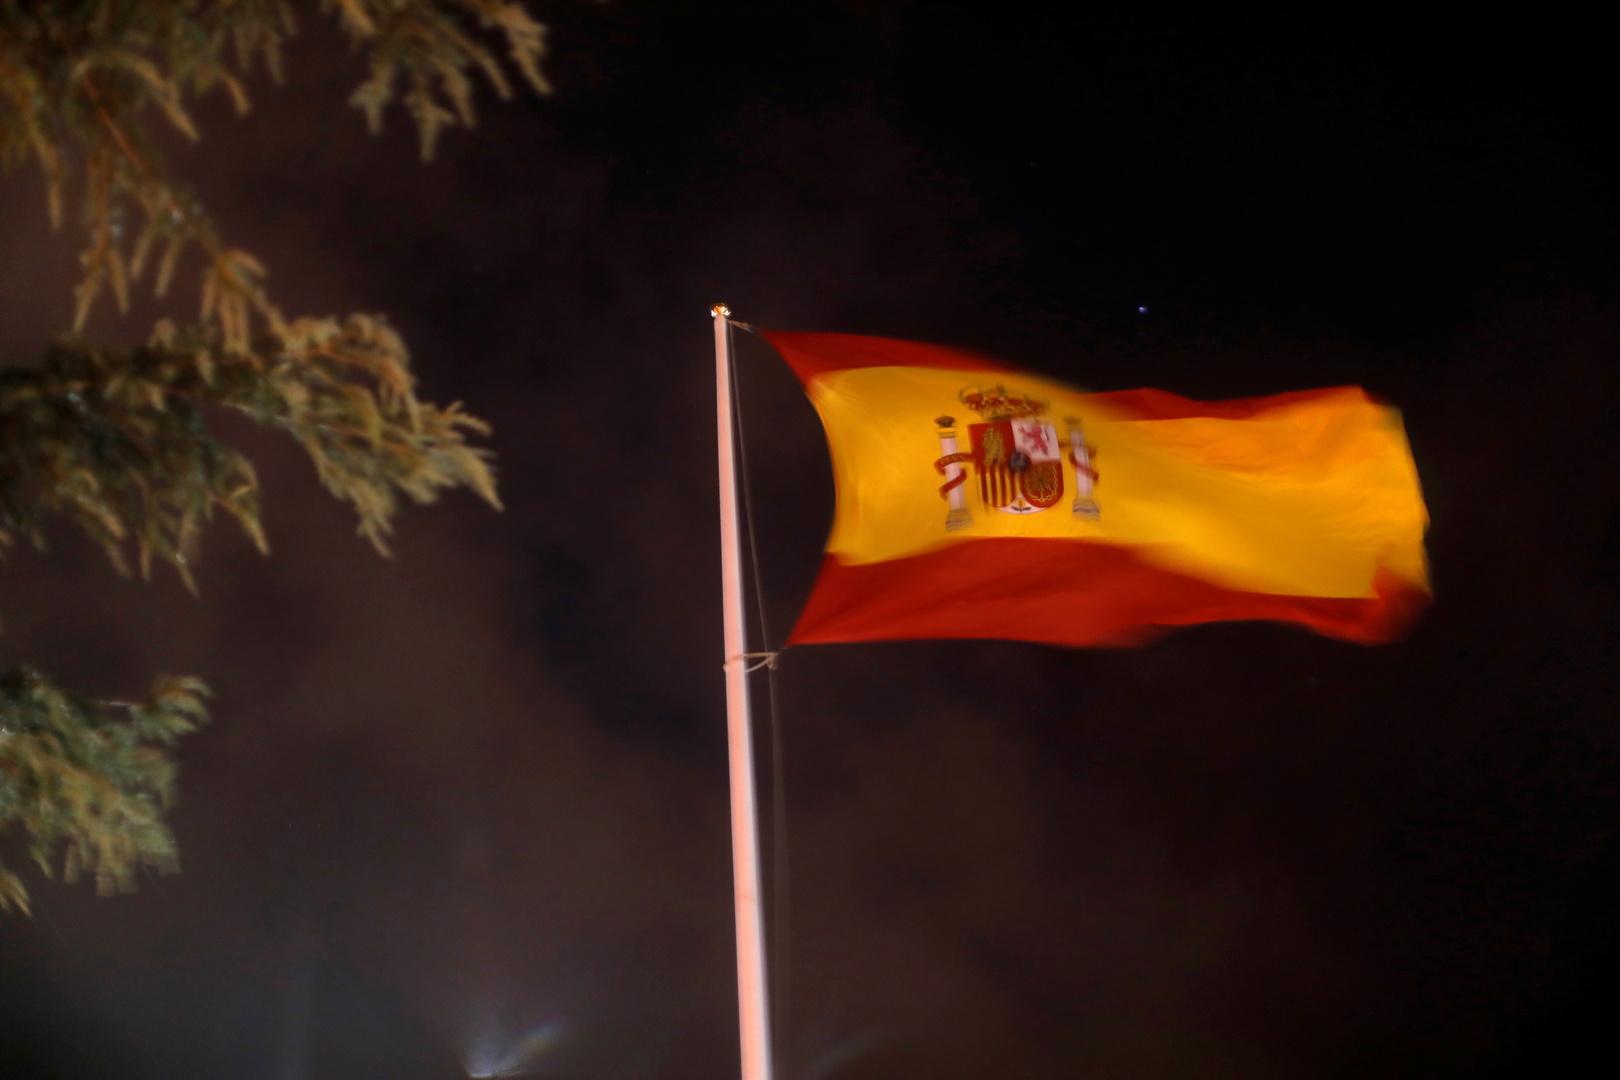 إسبانيا تعتقل شخصا من جنسية عربية بتهم